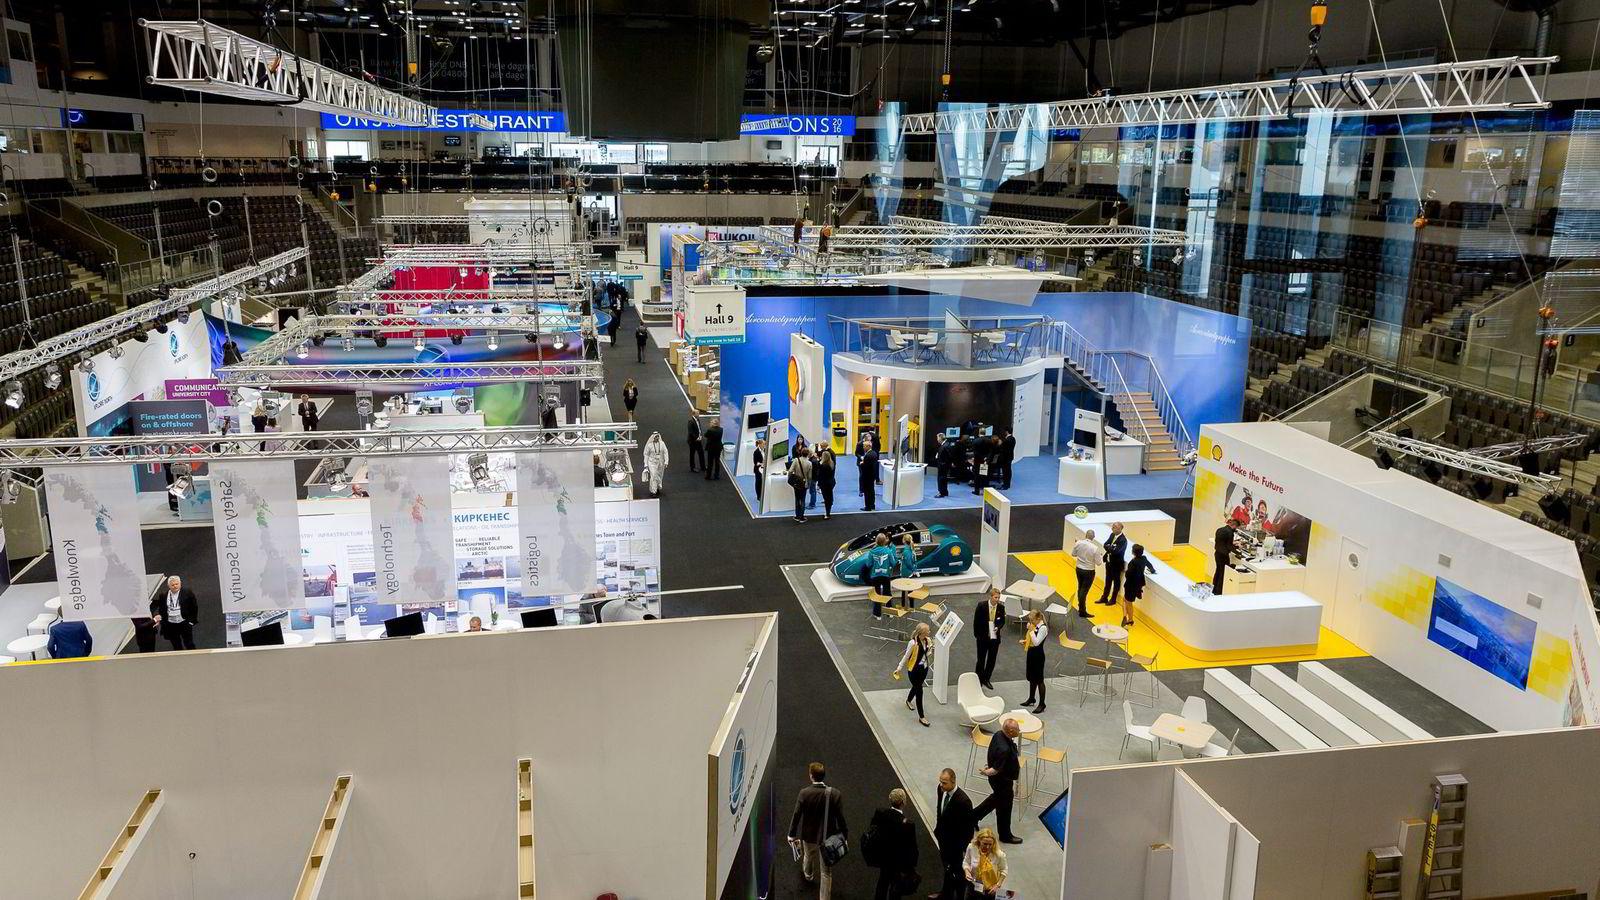 Ifølge det som står å lese på nettsidene til Oljemessen i Stavanger (ONS), innebærer «overgang» at industrien kan fortsette med mye av det samme, skriver artikkelforfatteren.